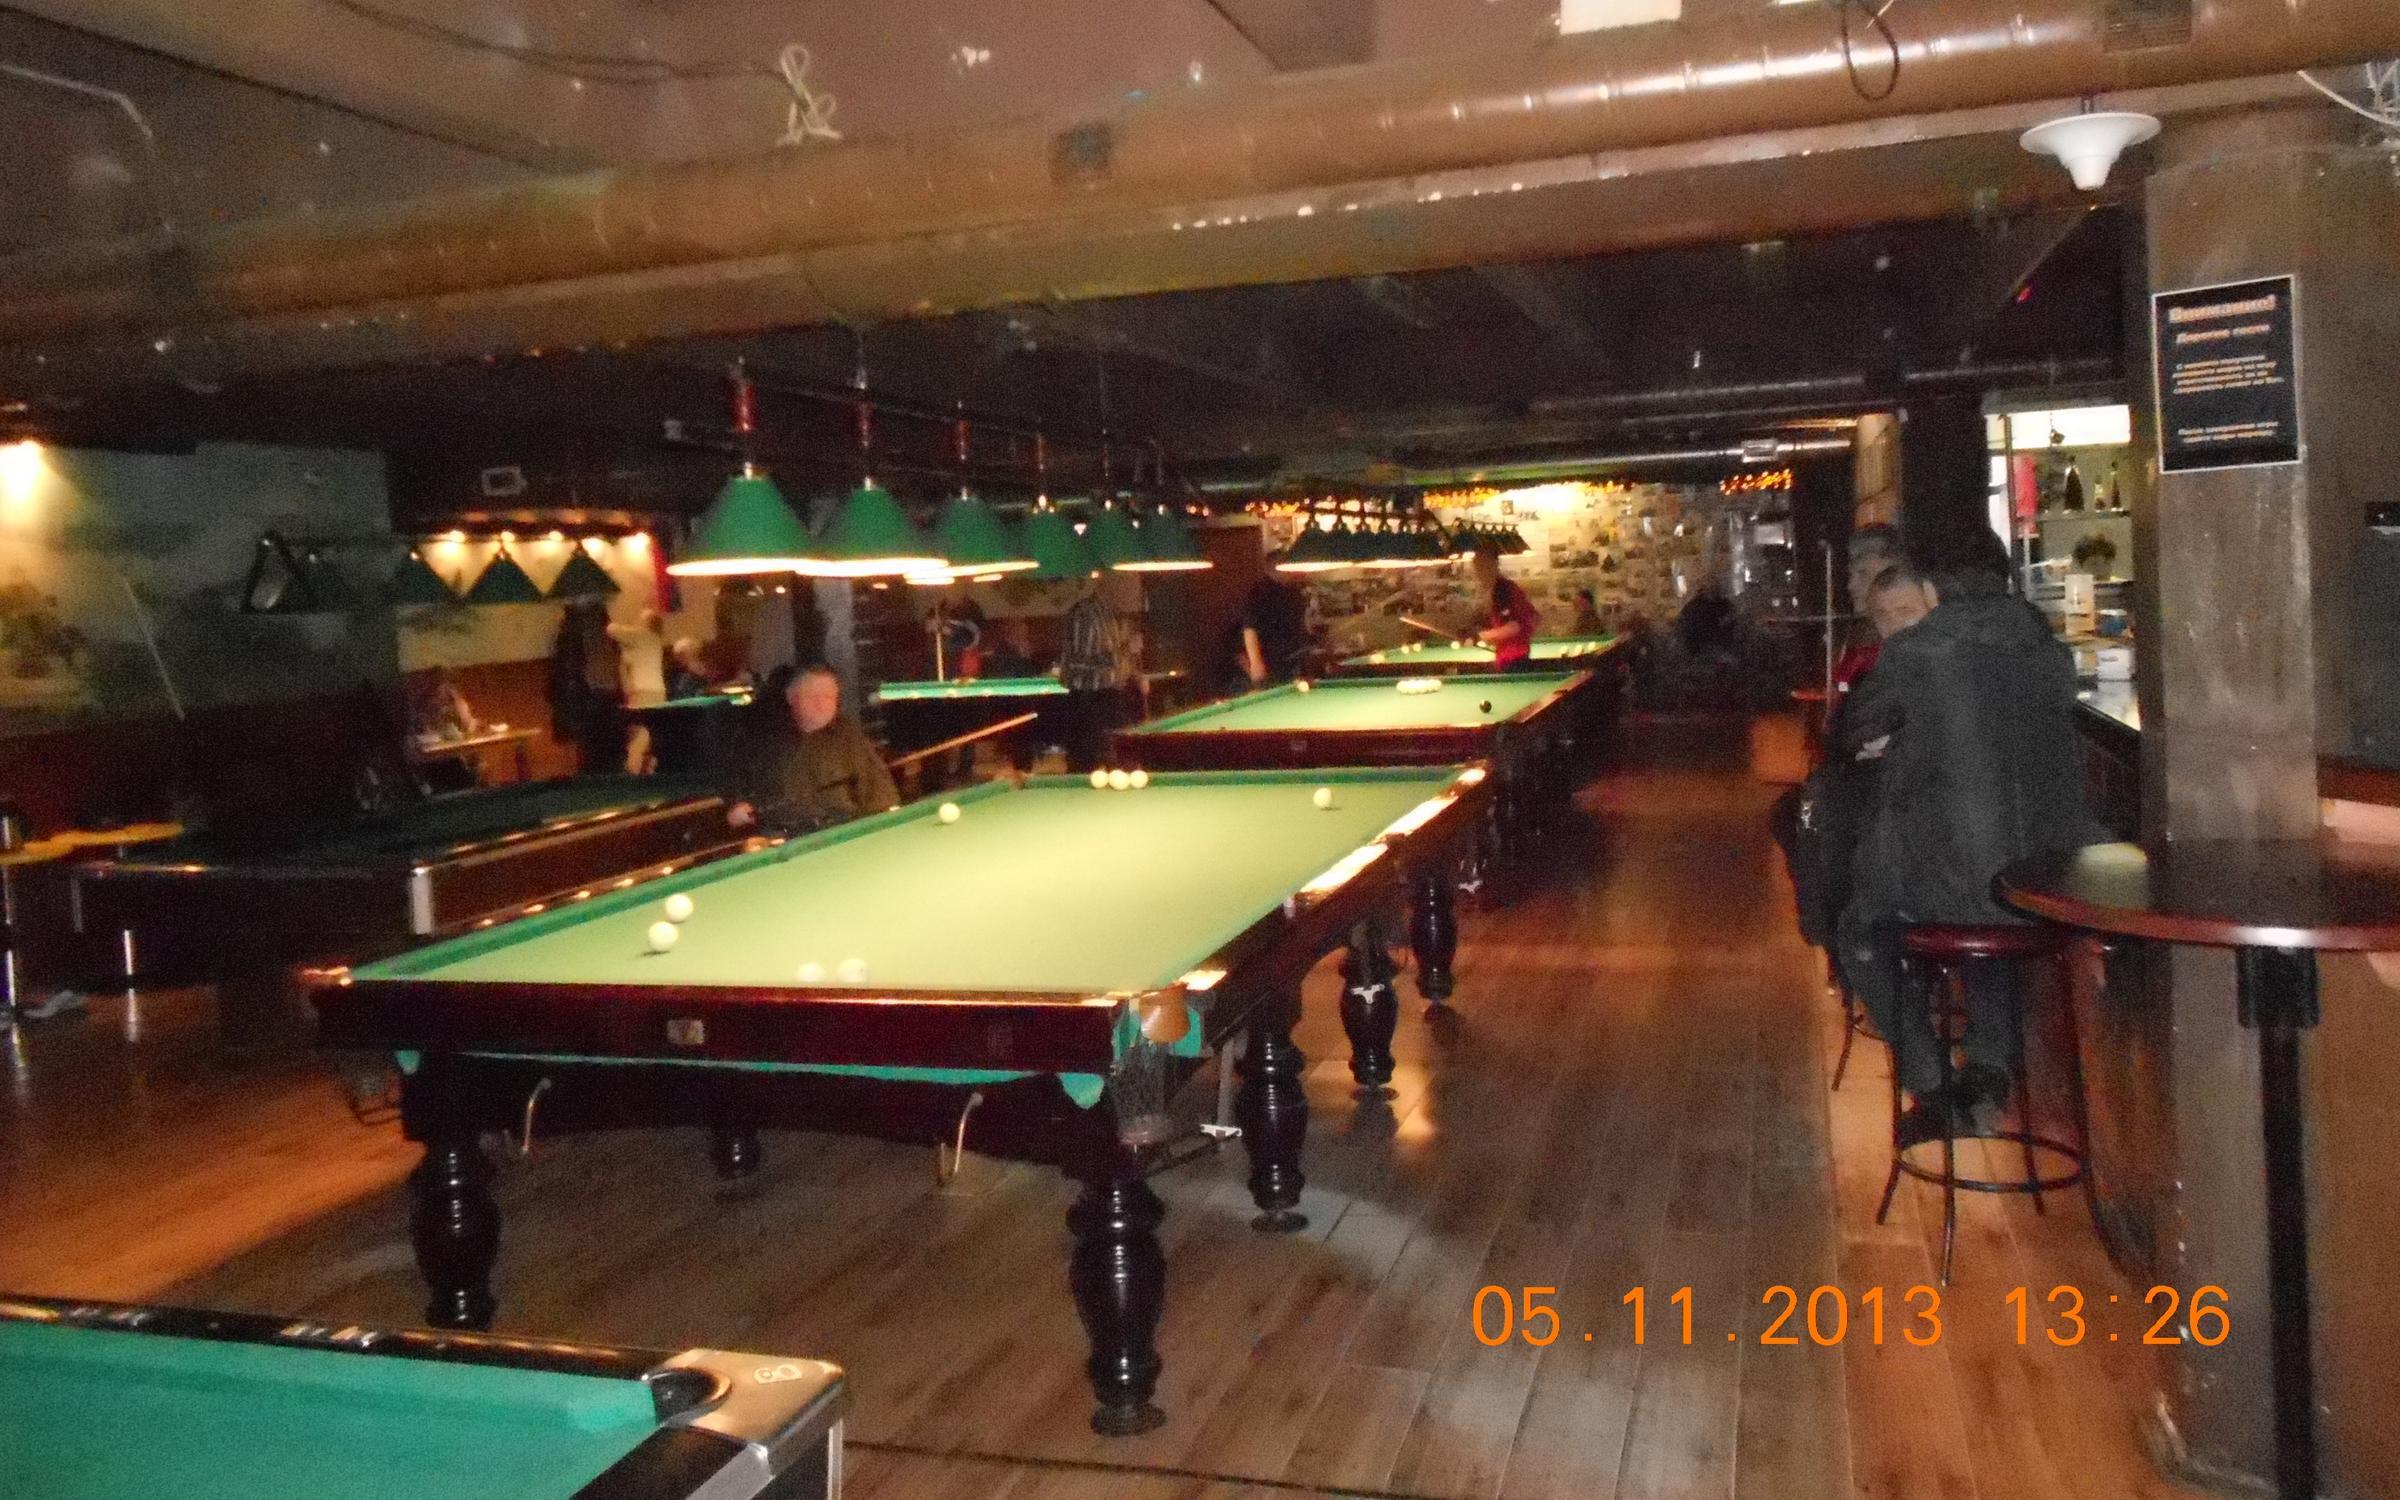 Бильярдный клуб рейтинг москва фитнес клубы в москве вакансии бармена